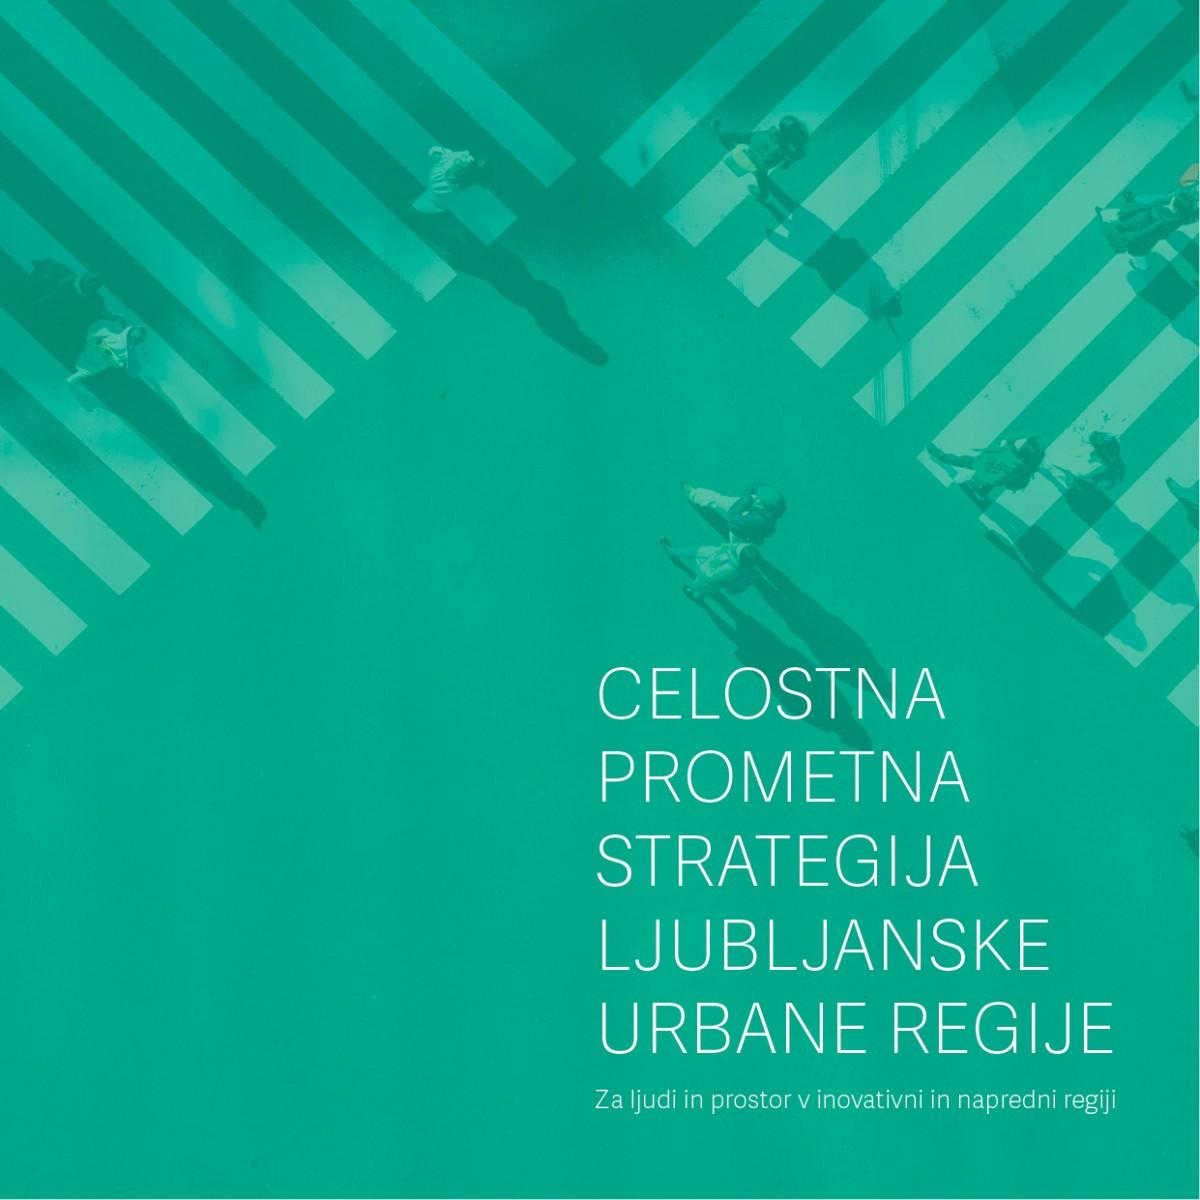 Celostna prometna strategija Ljubljanske urbane regije (CPS LUR)